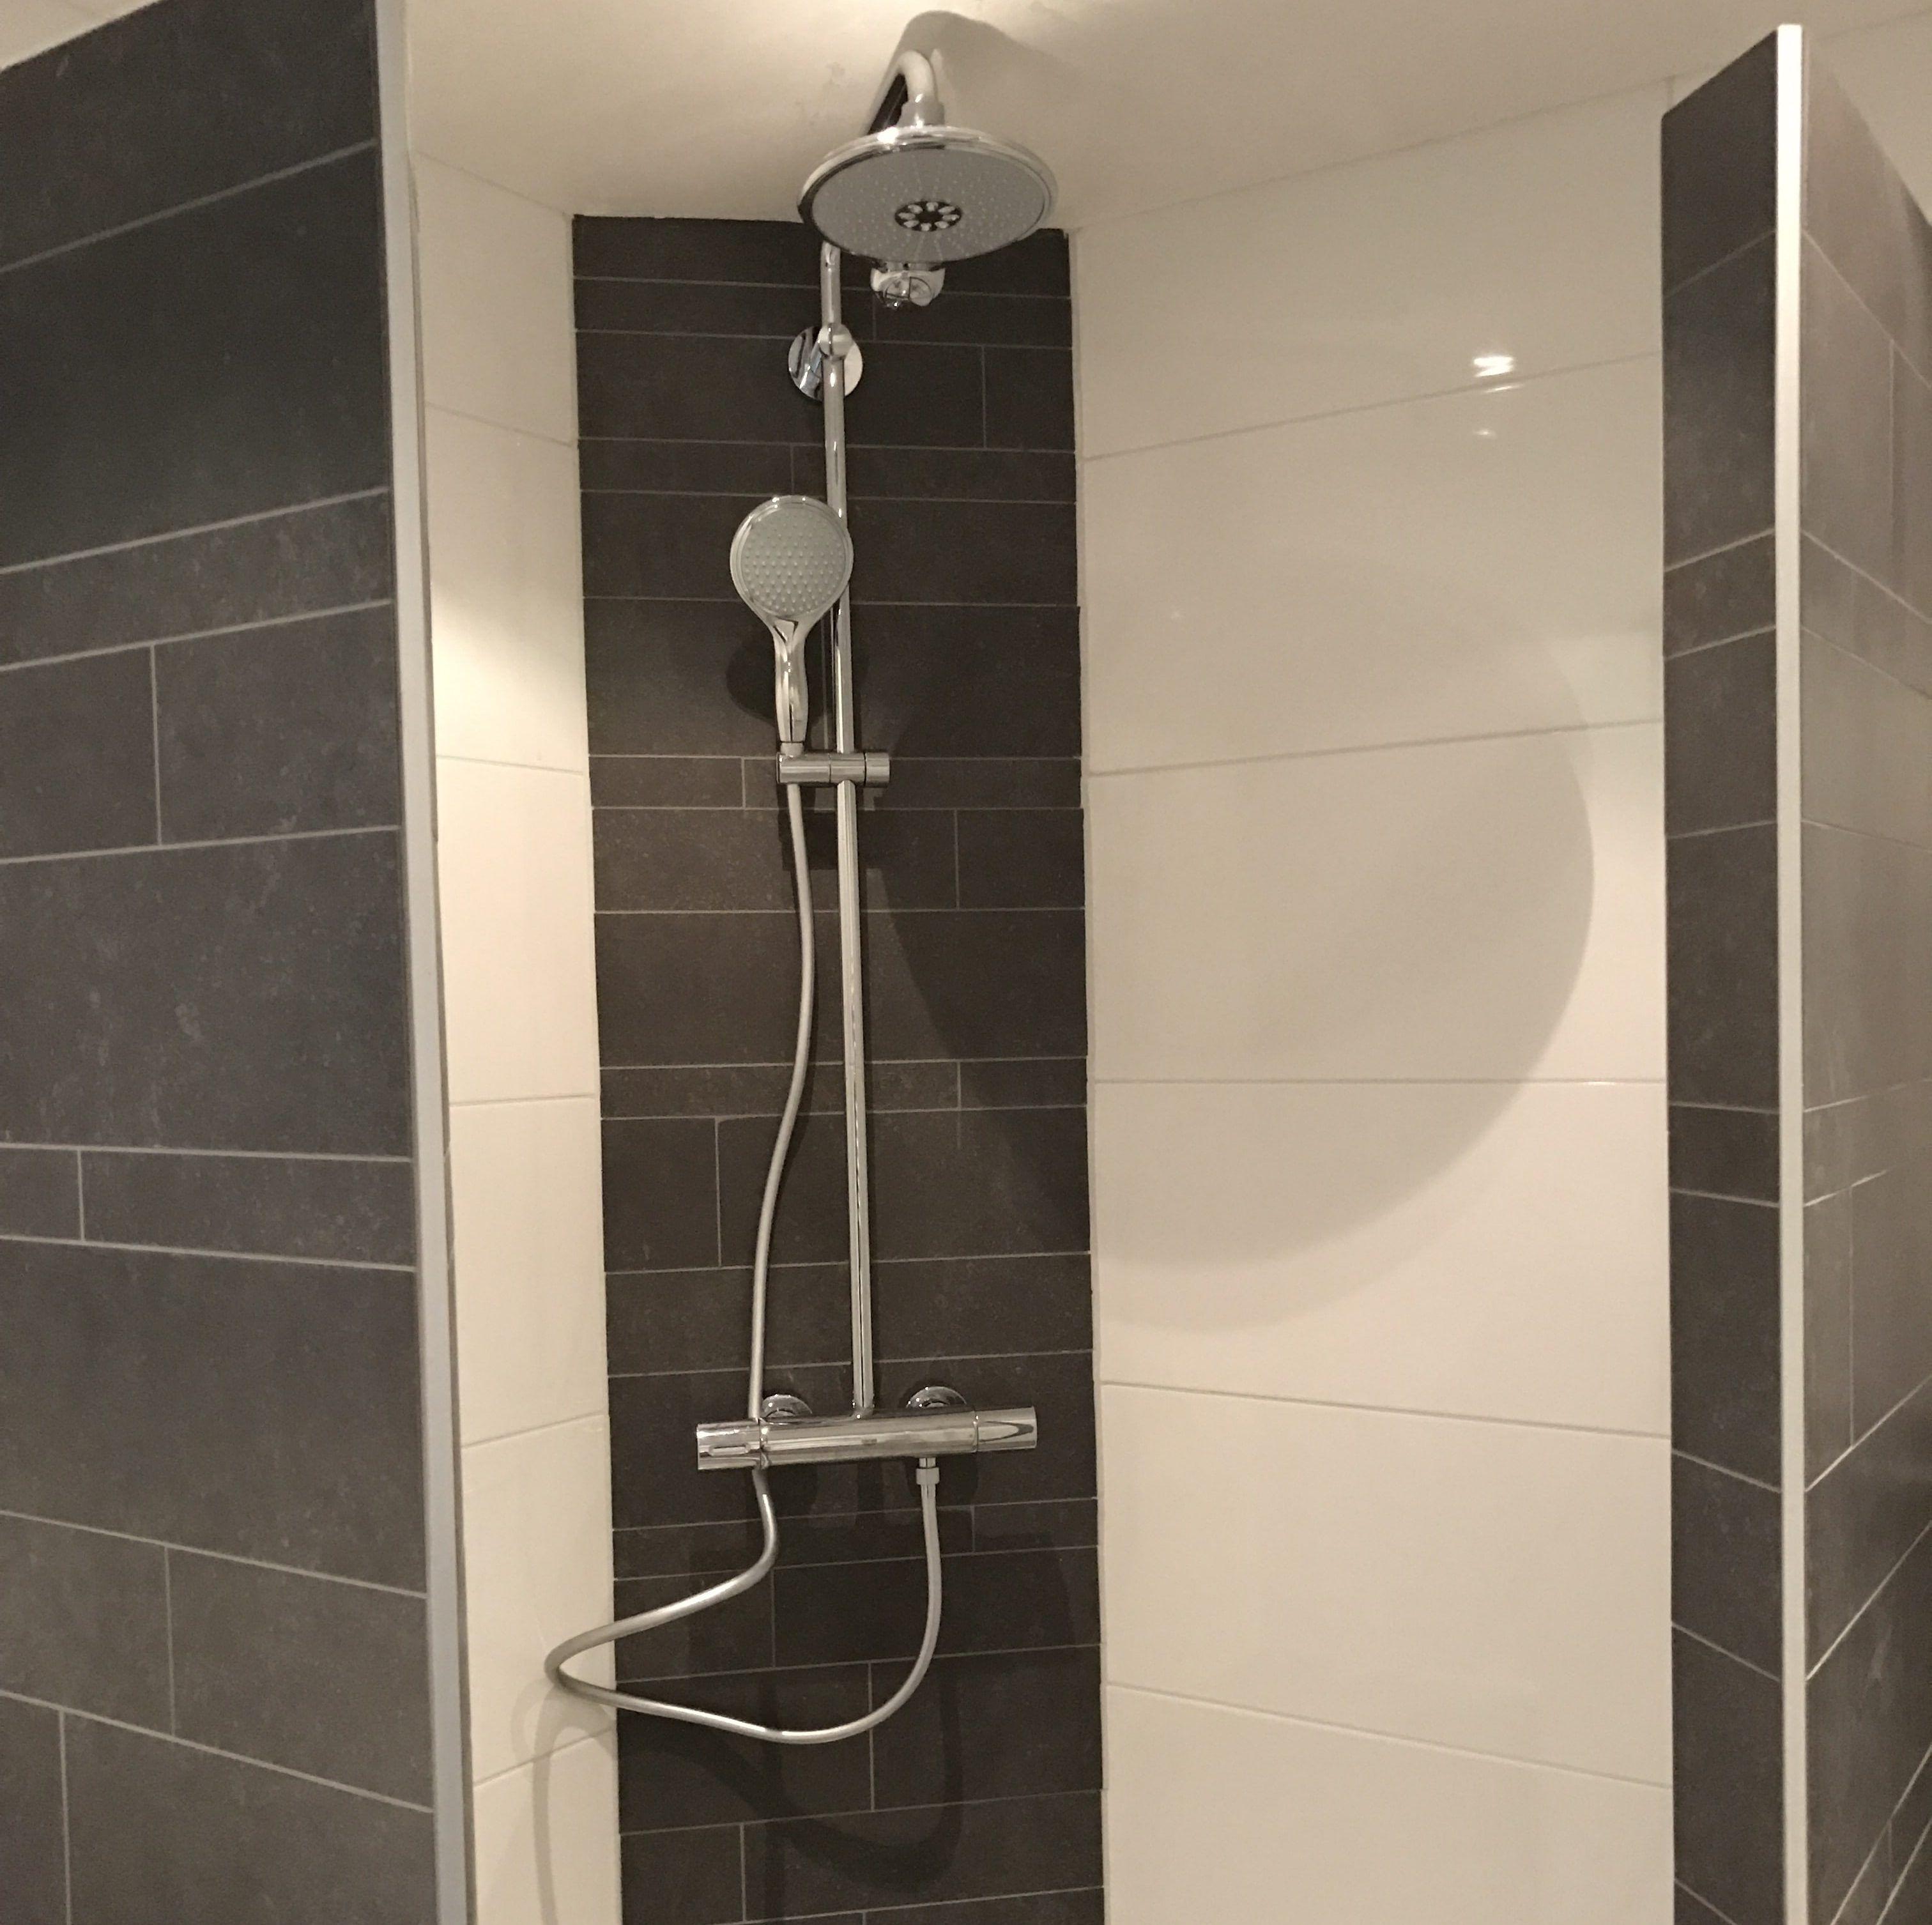 Badkamer Tegels Wit.Moderne Badkamer Tegels Zwarte Stroken Tegels In Combinatie